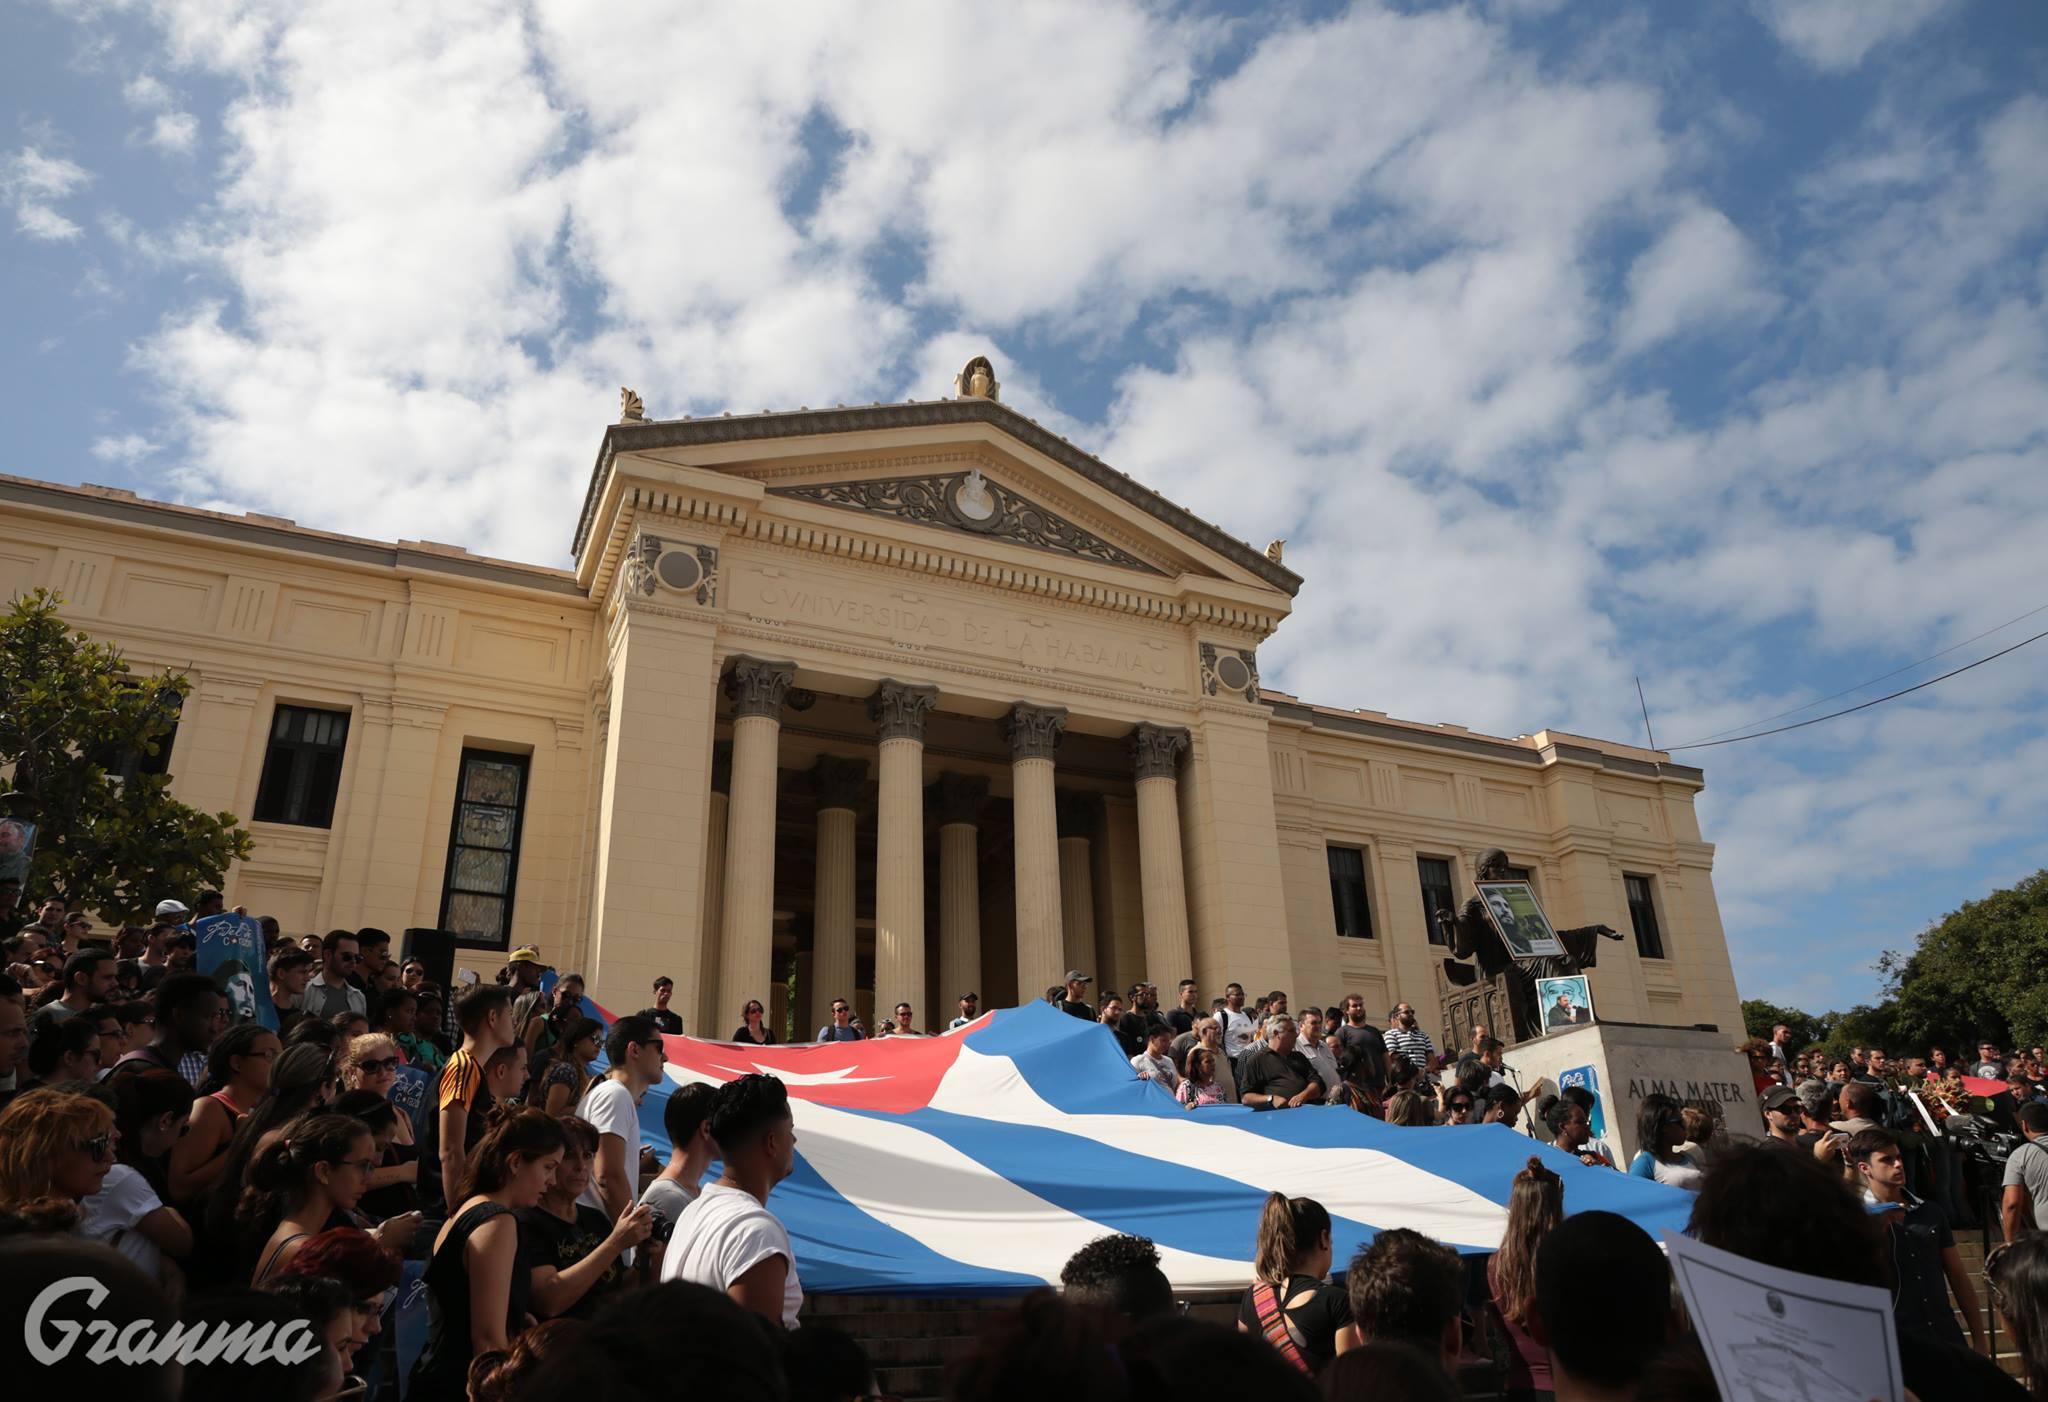 Adiós en La Habana, nueve días de luto en cuba por la muerte de Fidel